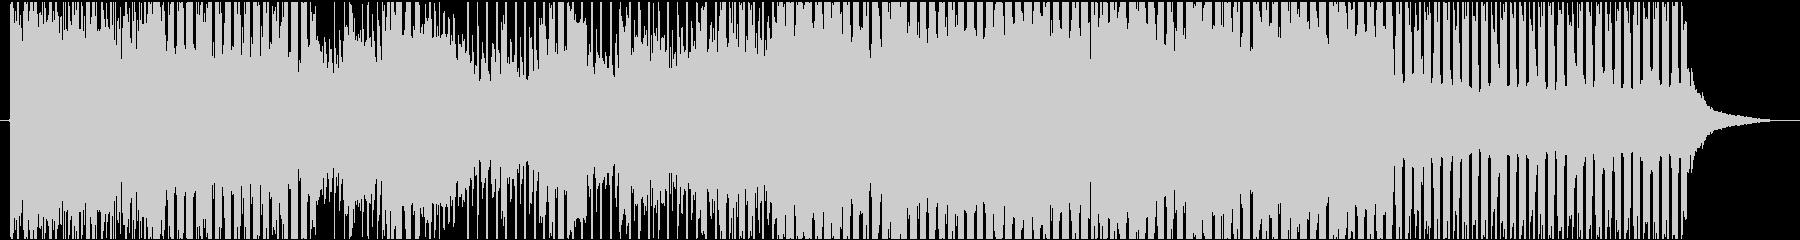 ほのぼのホッコリするポップスの未再生の波形